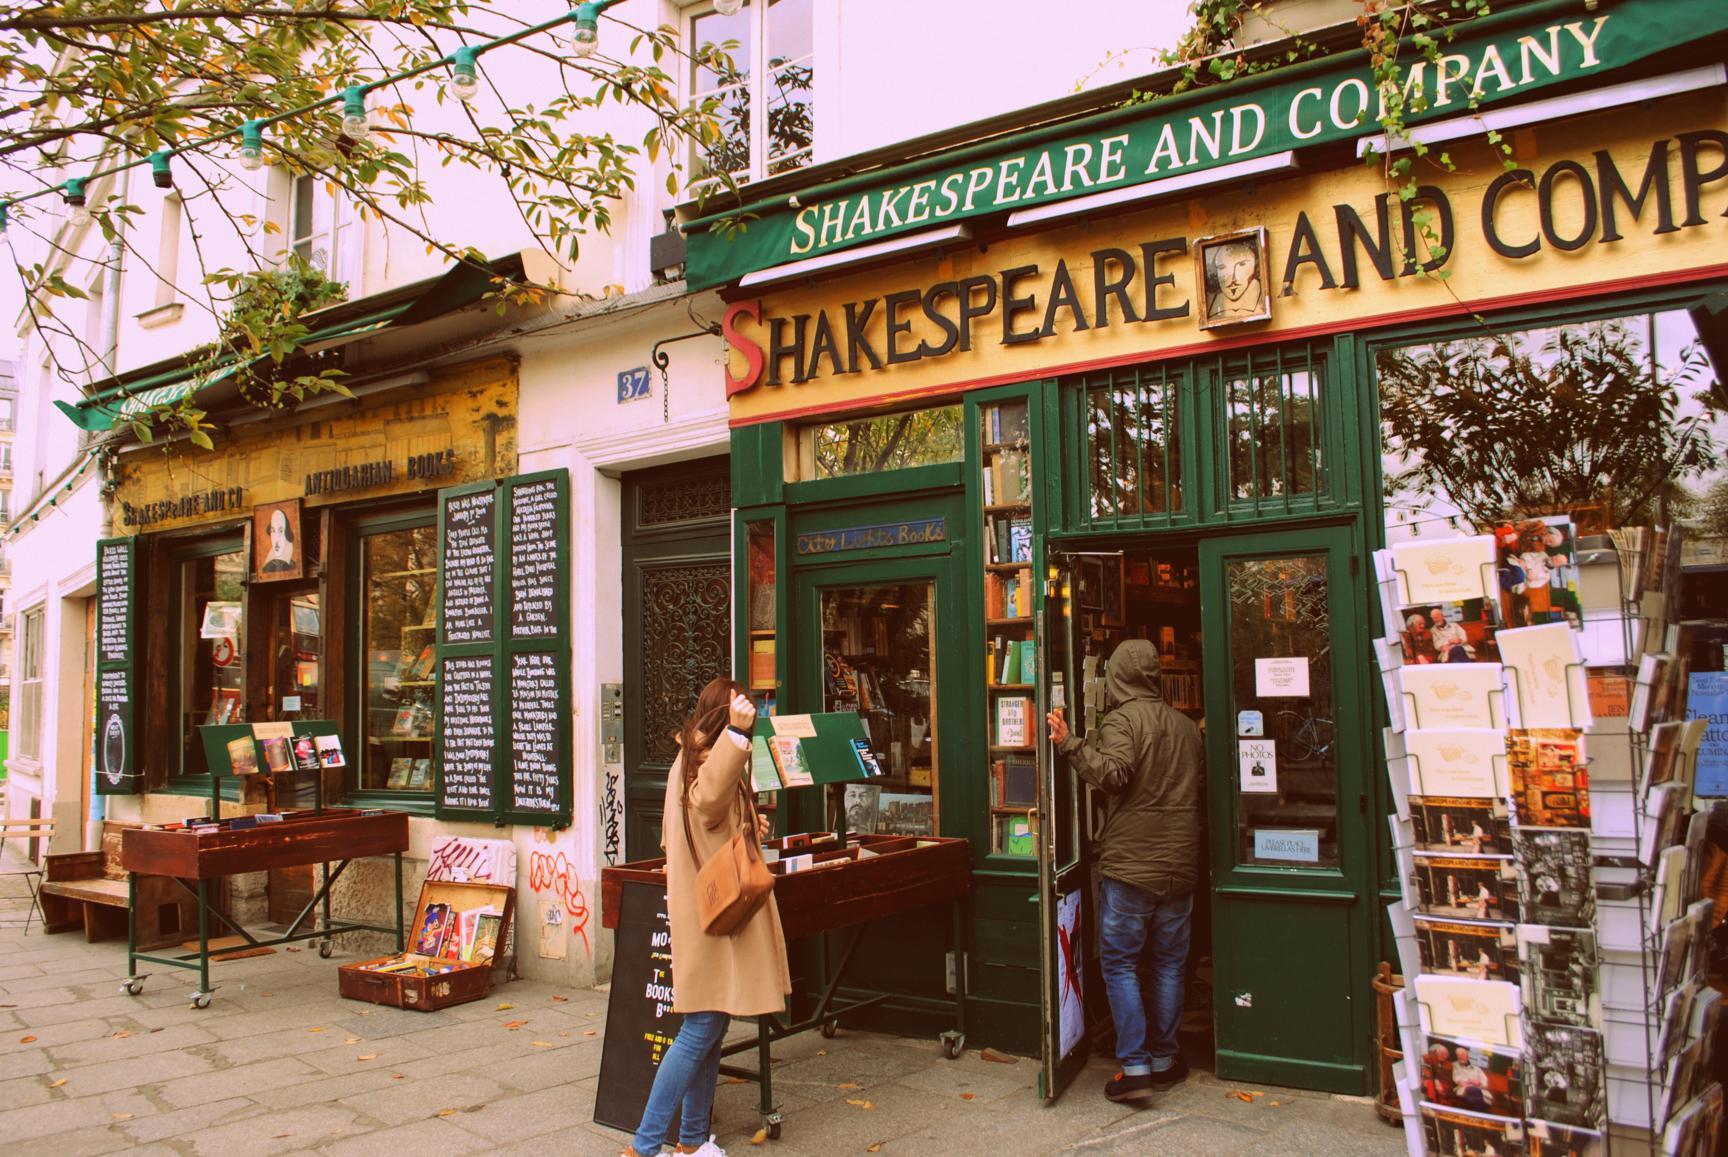 paris-libreria-shakespeare-company-1